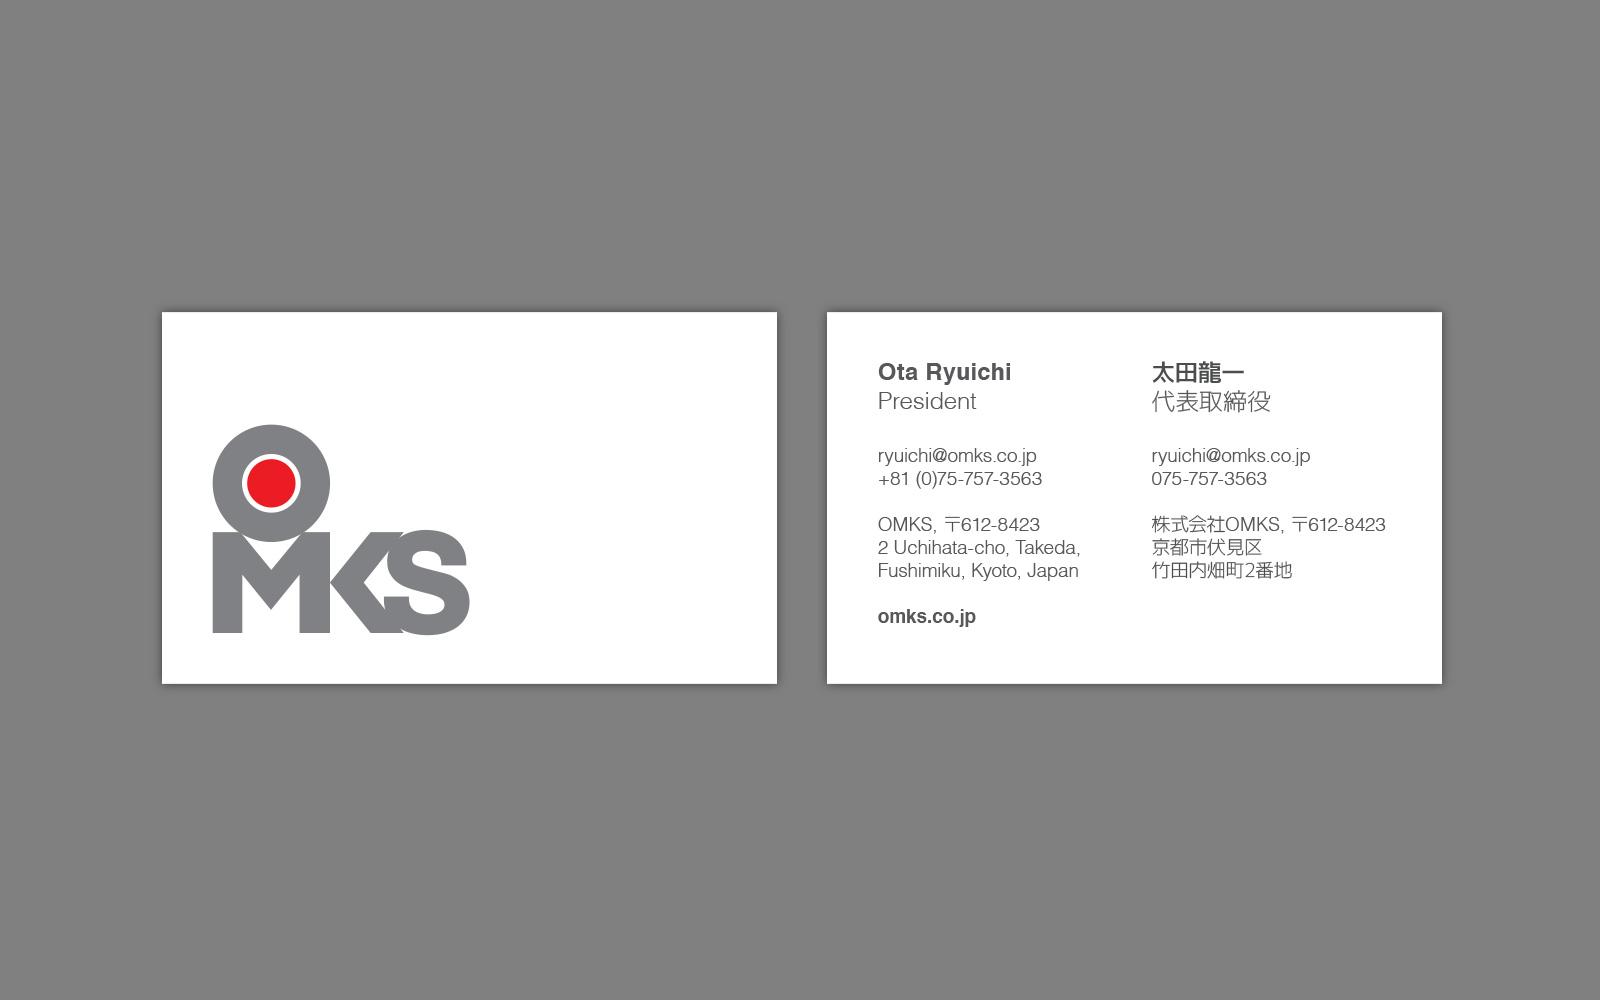 OMKS business card design